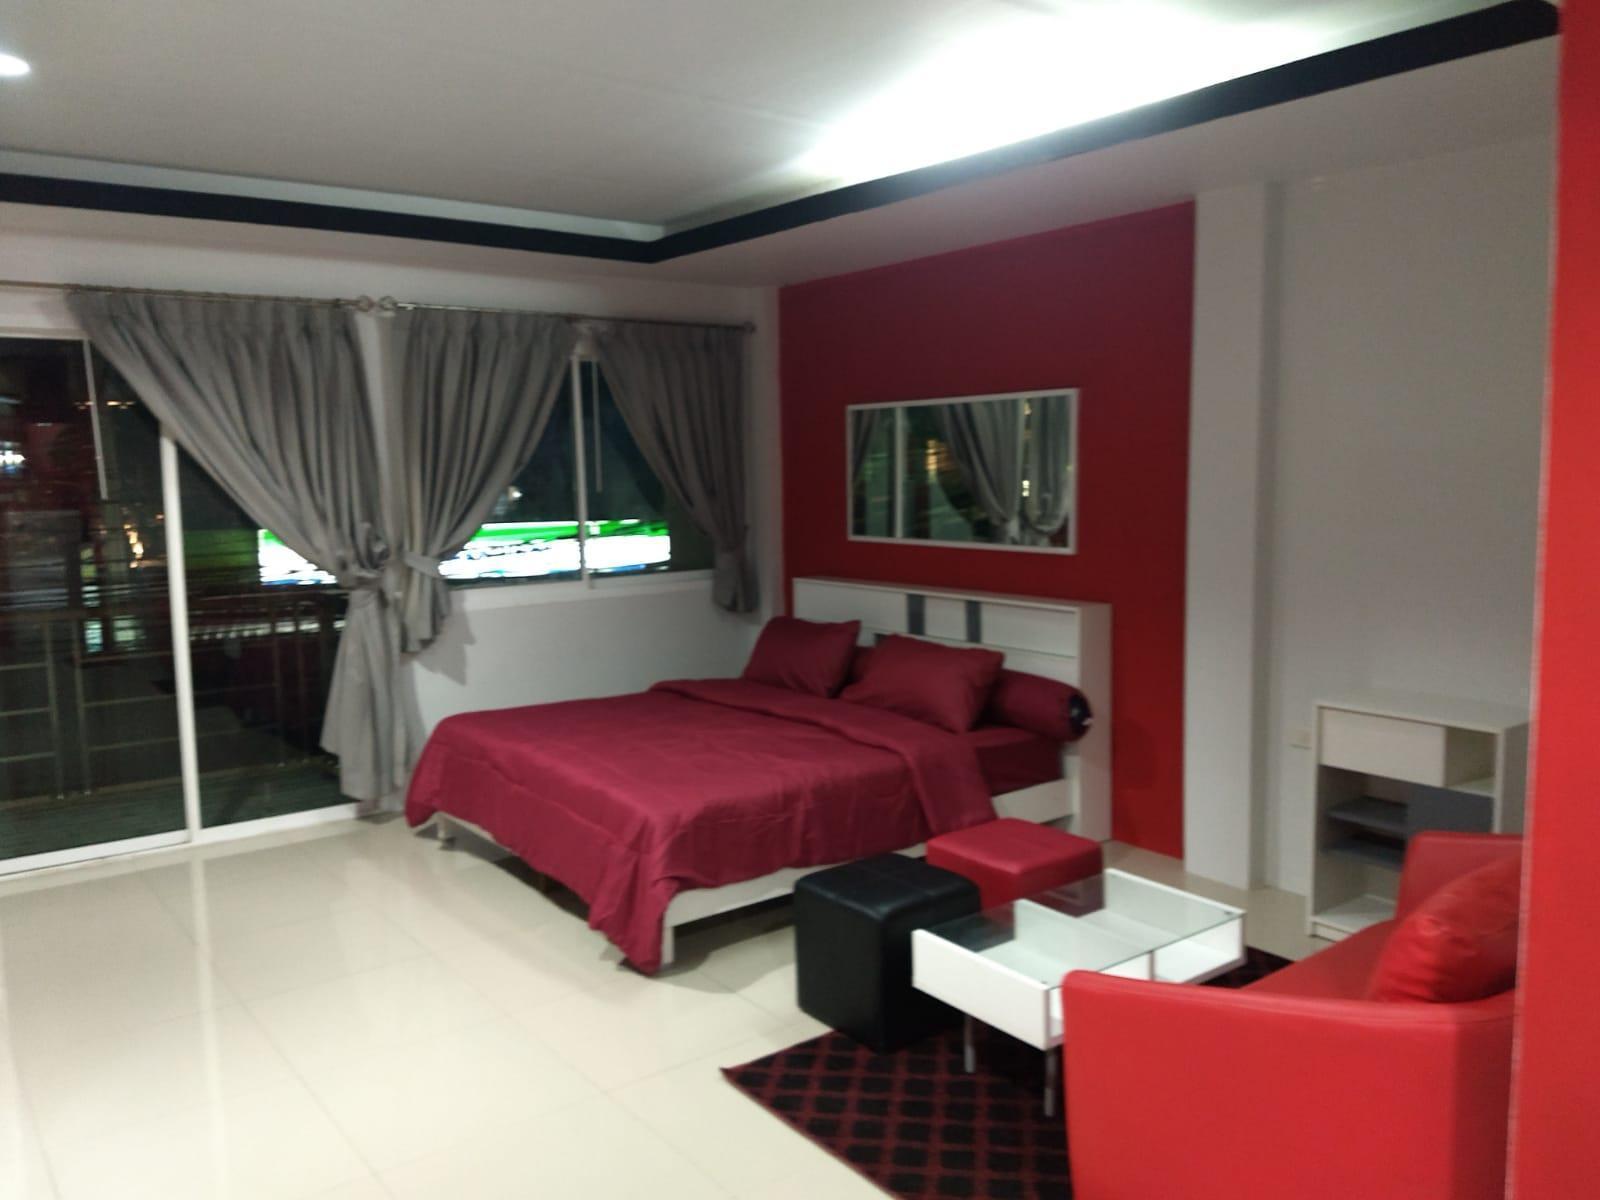 Le Casa De Papel สตูดิโอ อพาร์ตเมนต์ 1 ห้องน้ำส่วนตัว ขนาด 26 ตร.ม. – ป่าตอง